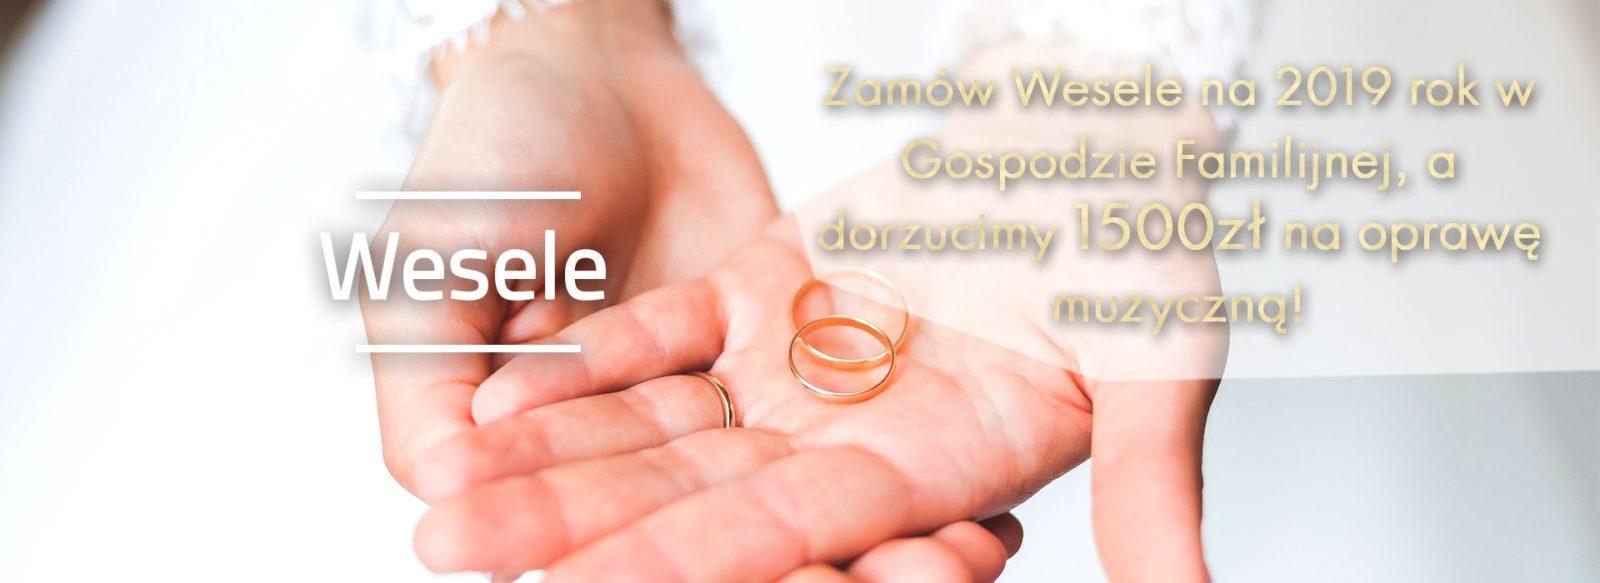 wesele poznań 2019 gospoda familijna